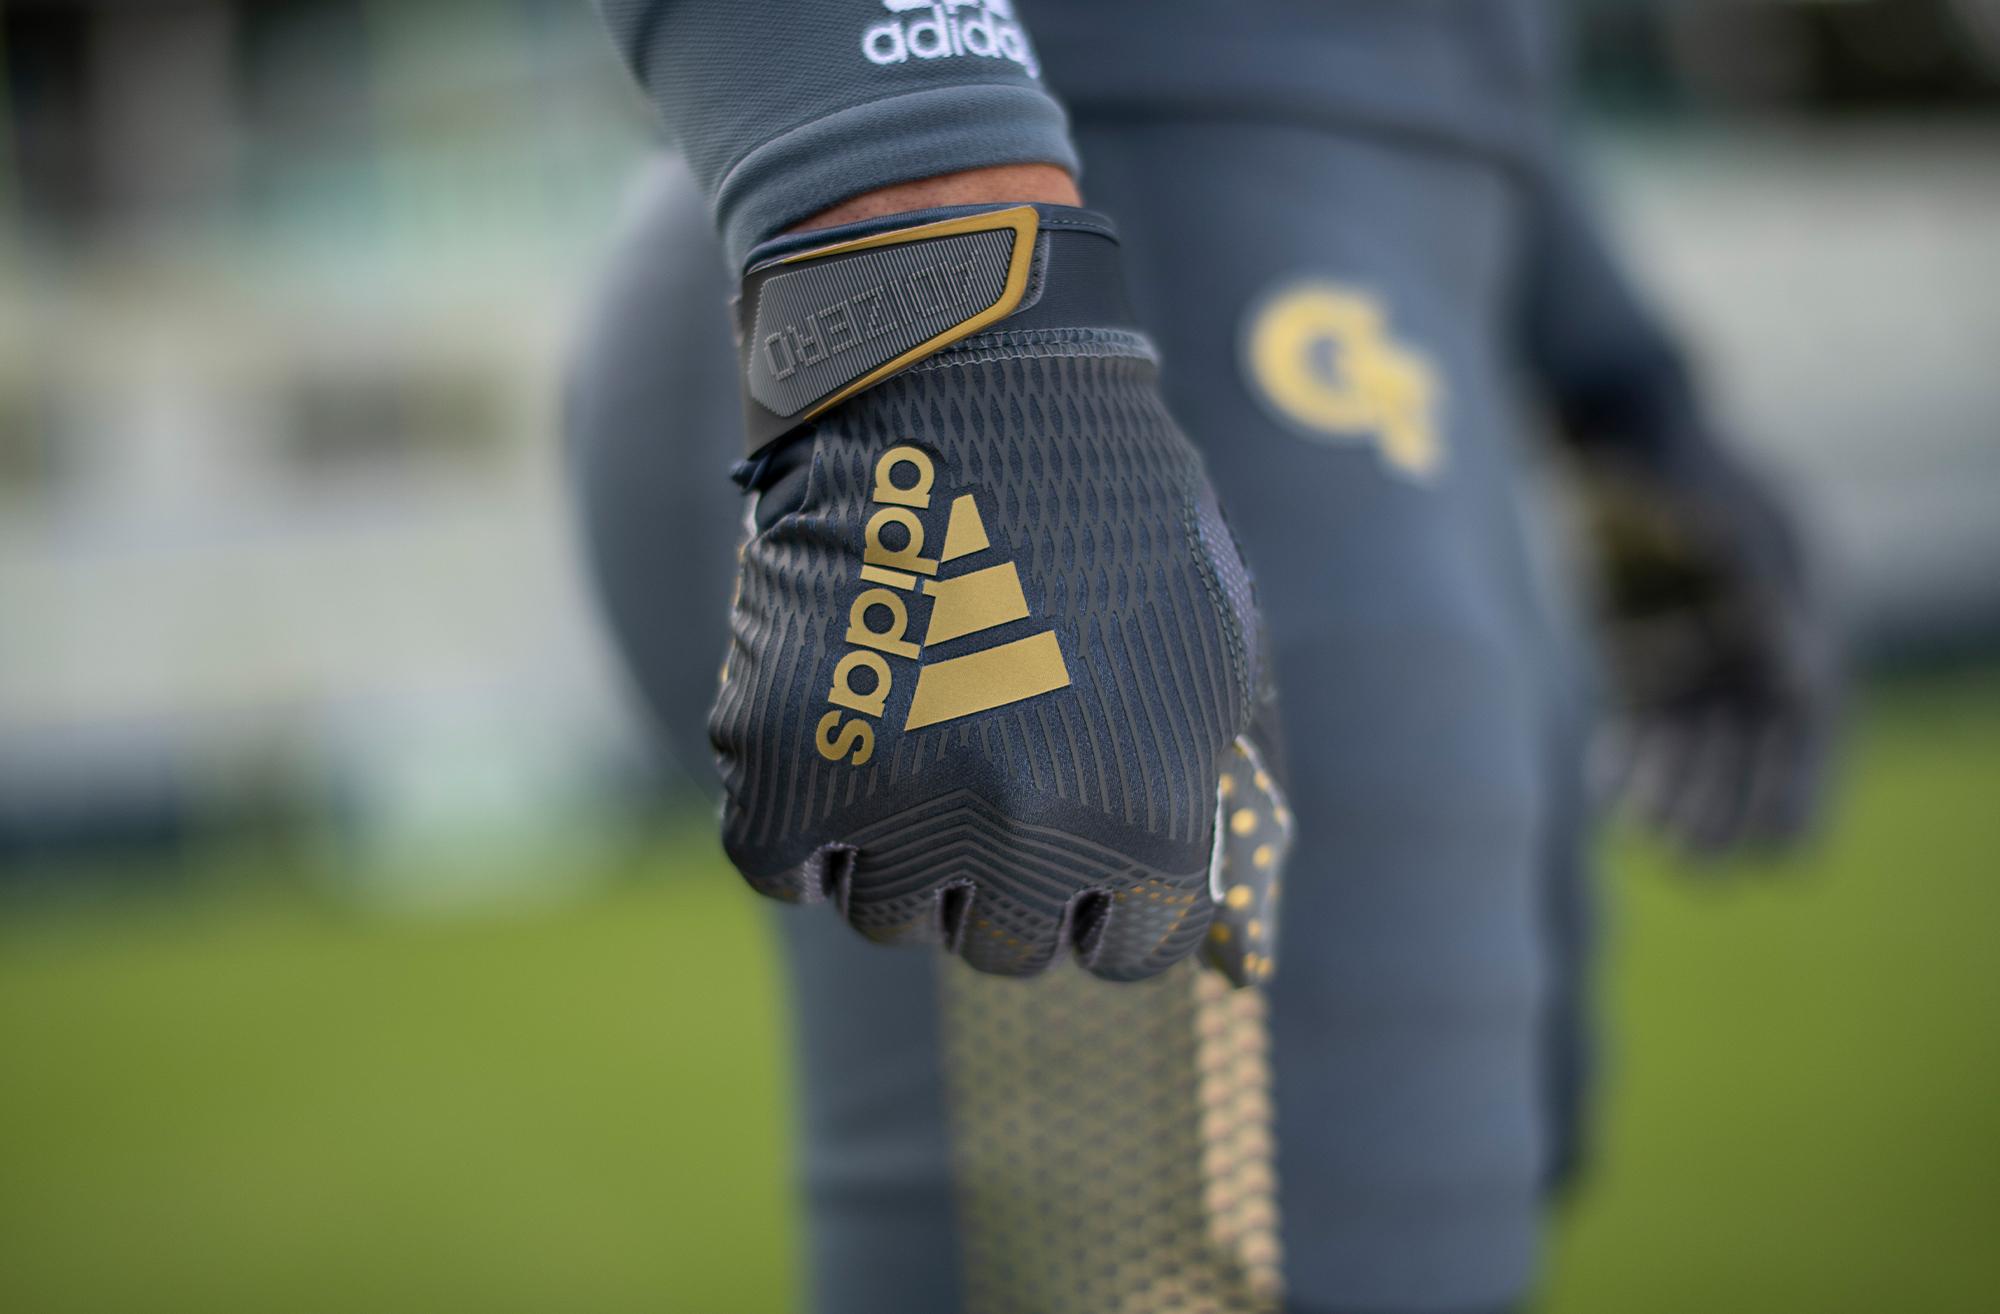 adidas_NCAA_Football_OnField_Detail_GATech6_2000x1314.jpg